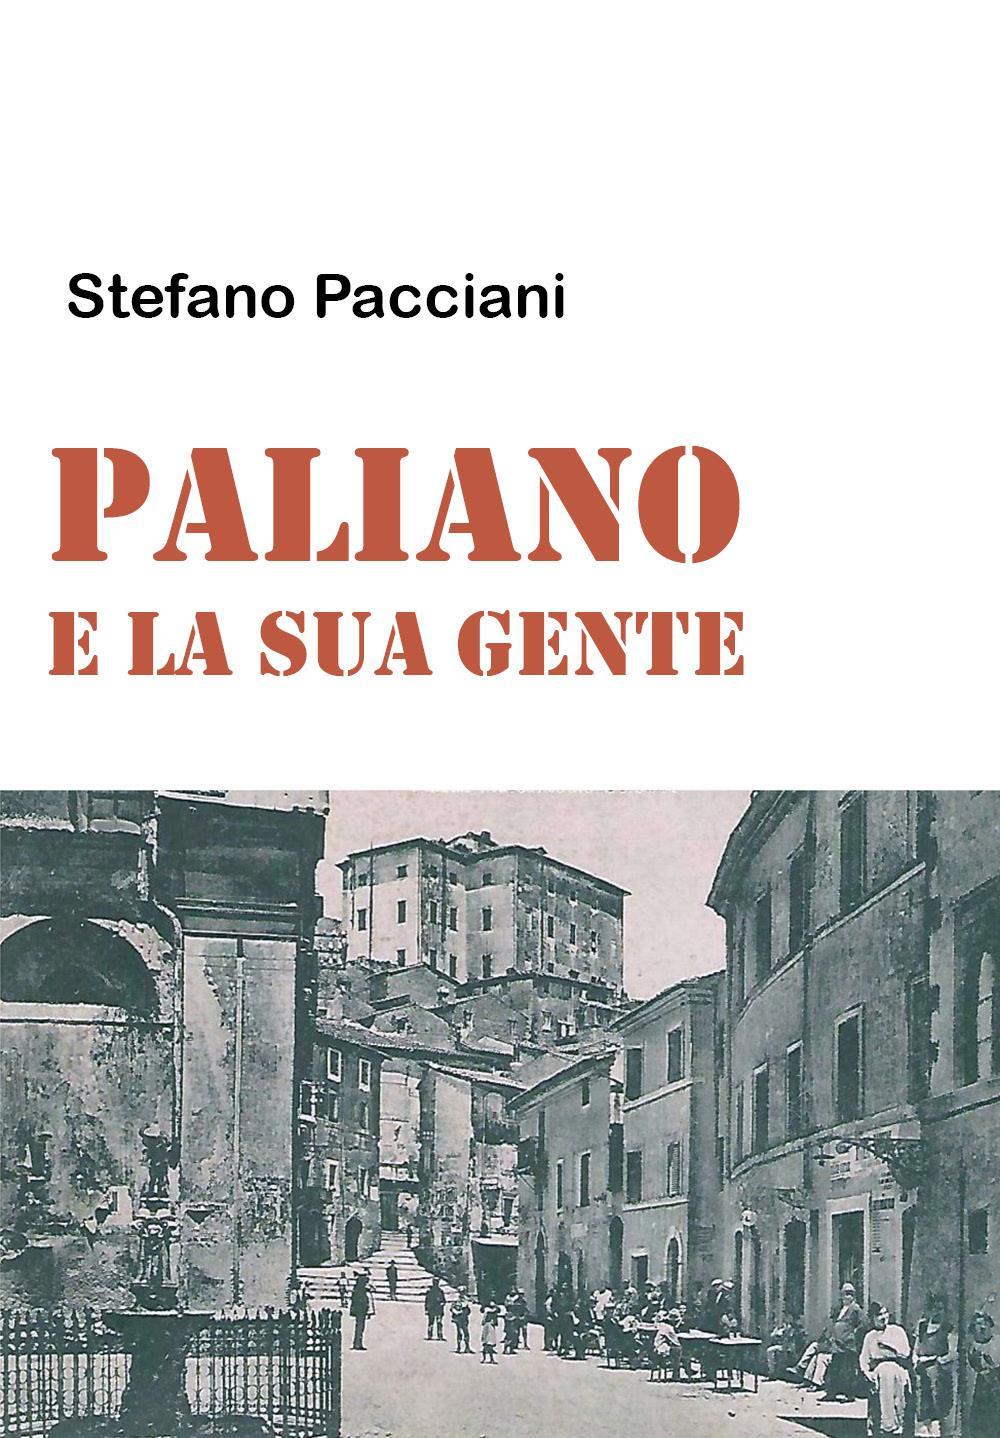 Paliano e la sua gente